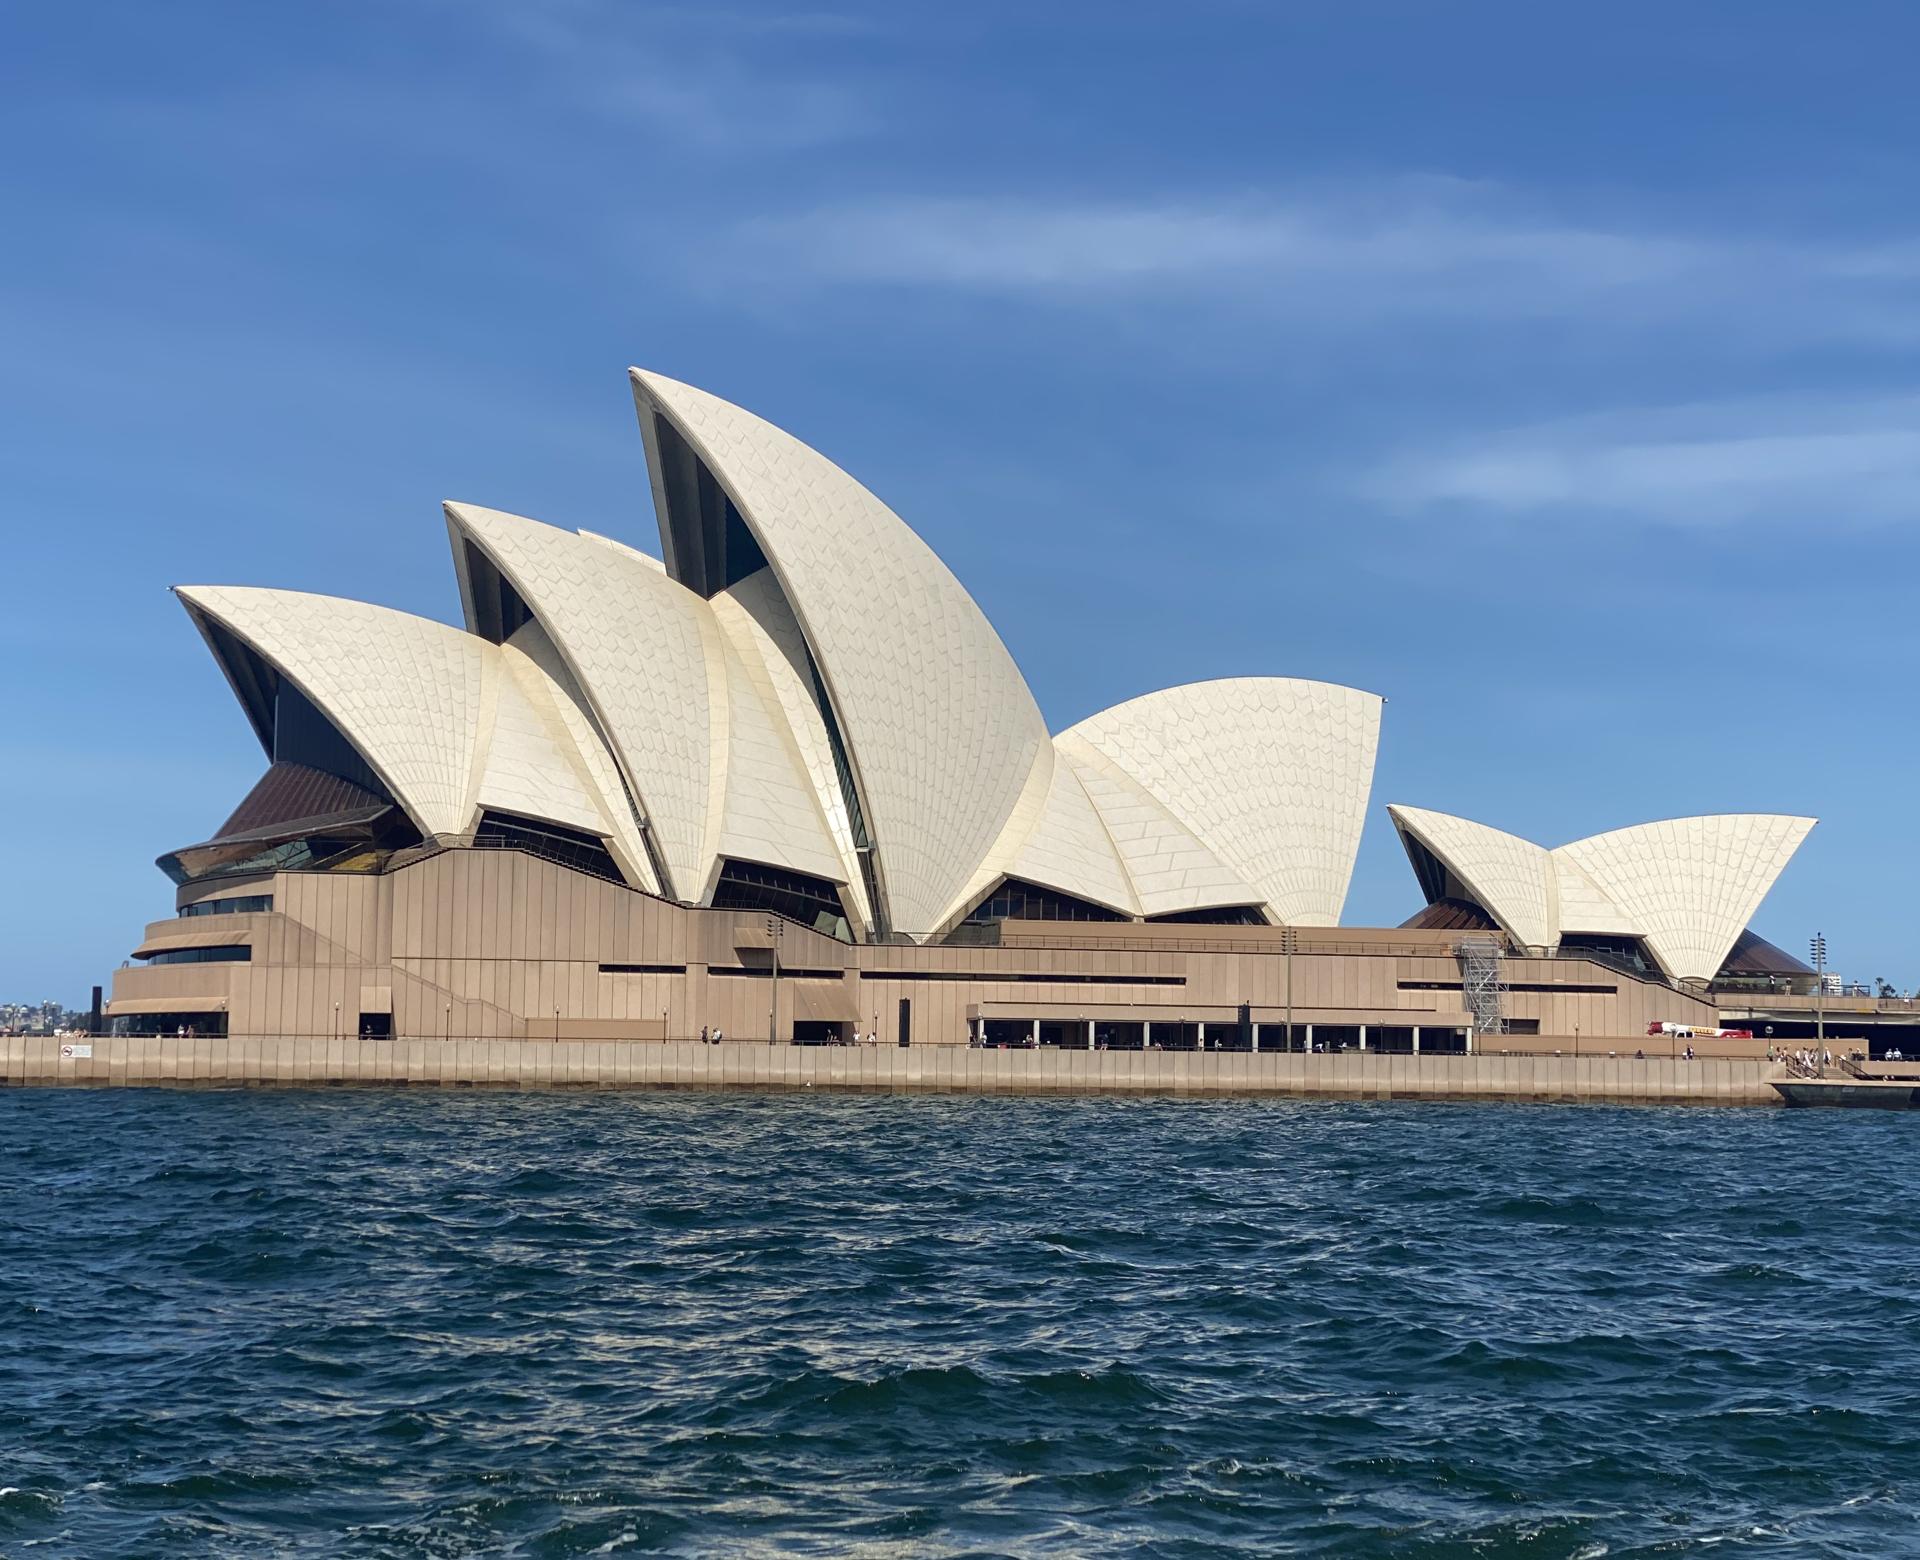 シドニーの中心街1日観光ツアー   | シドニー在住リナさんのおすすめ1日観光モデルコース&プラン